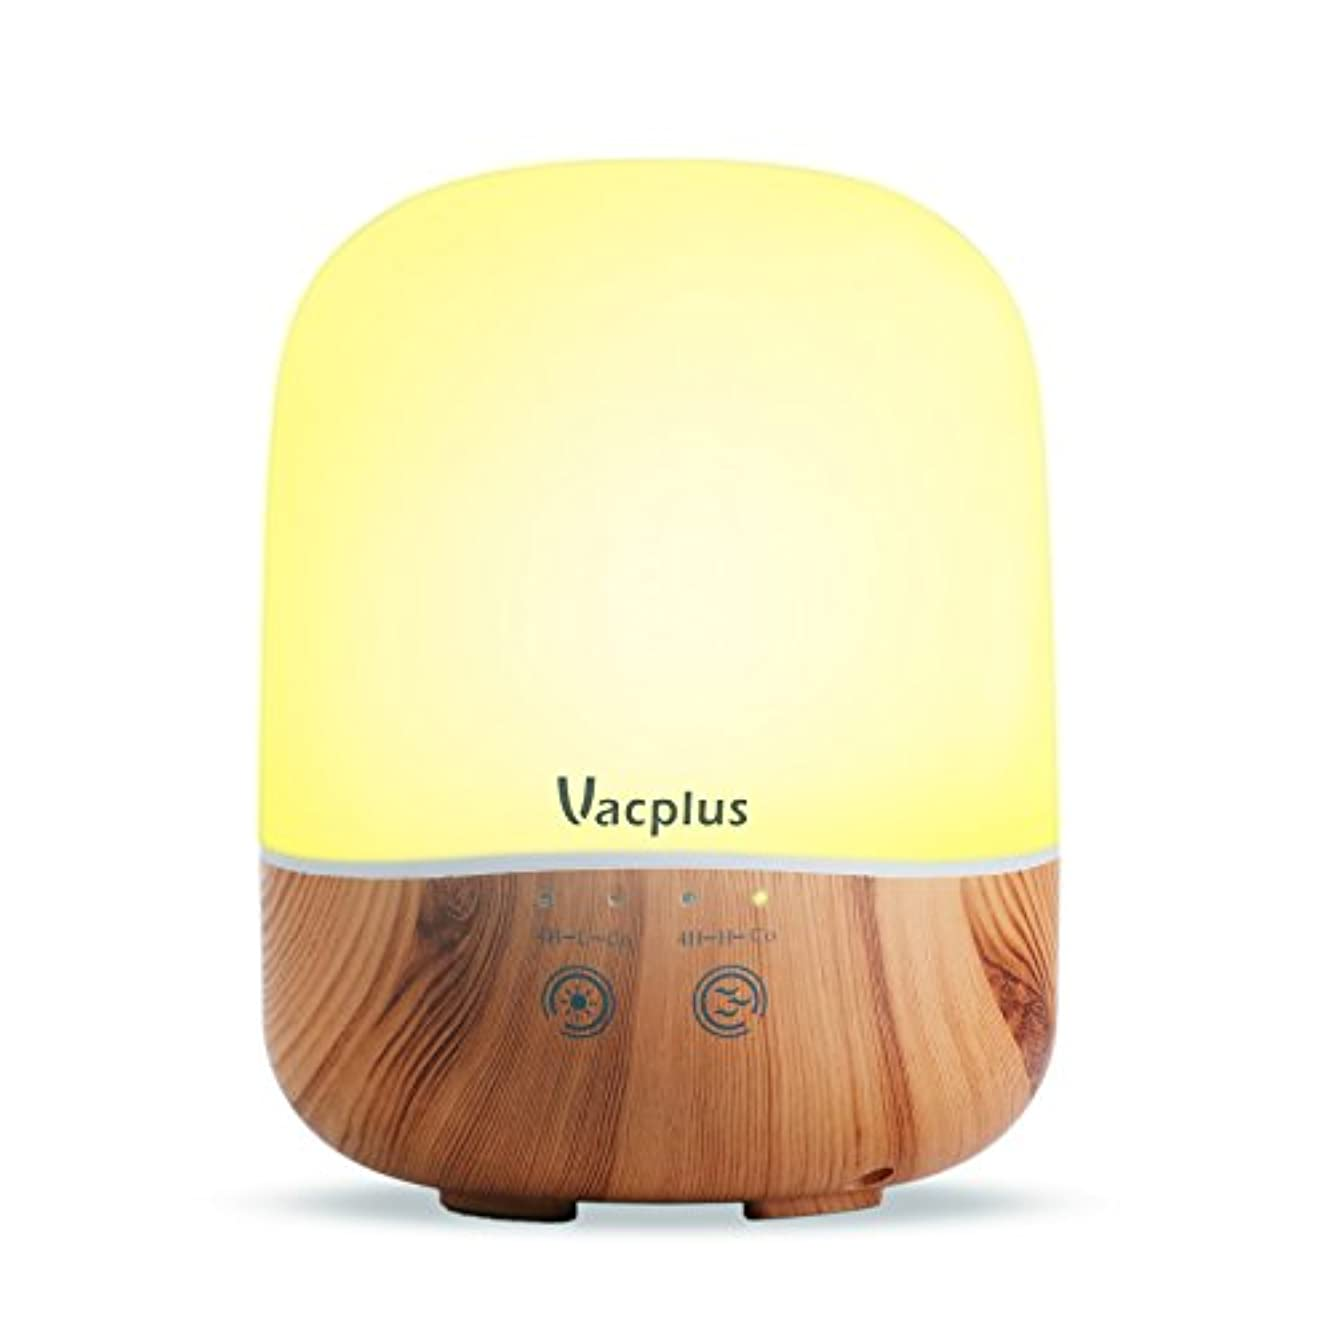 加速する離婚怒るVacplus アロマディフューザー 加湿器 300ml大容量 超音波式 卓上加湿器 七色変換LEDライト 空焚き防止機能(木目調)